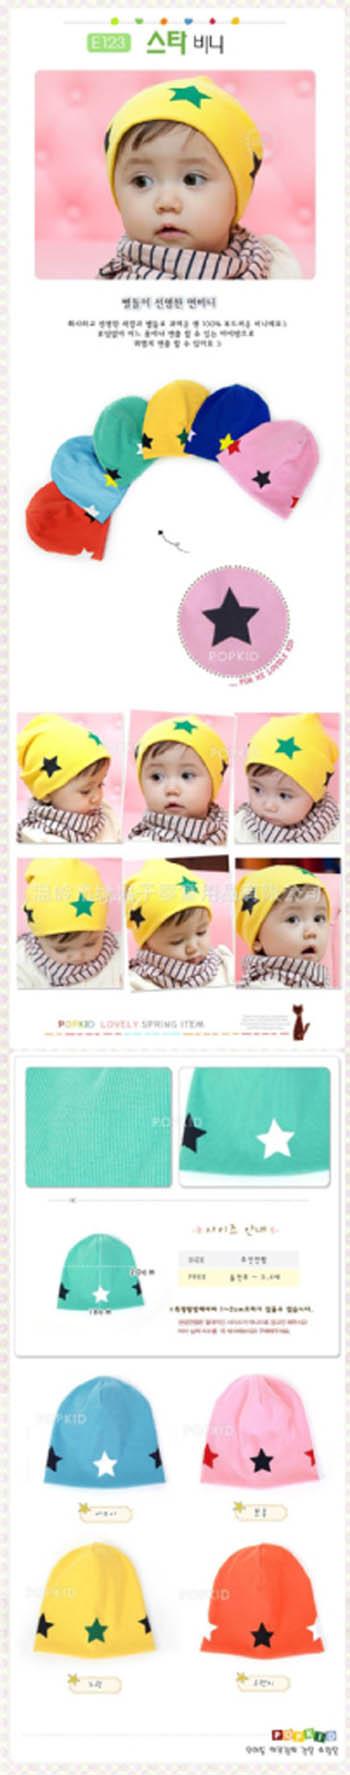 หมวกเด็กอ่อนลายดาว